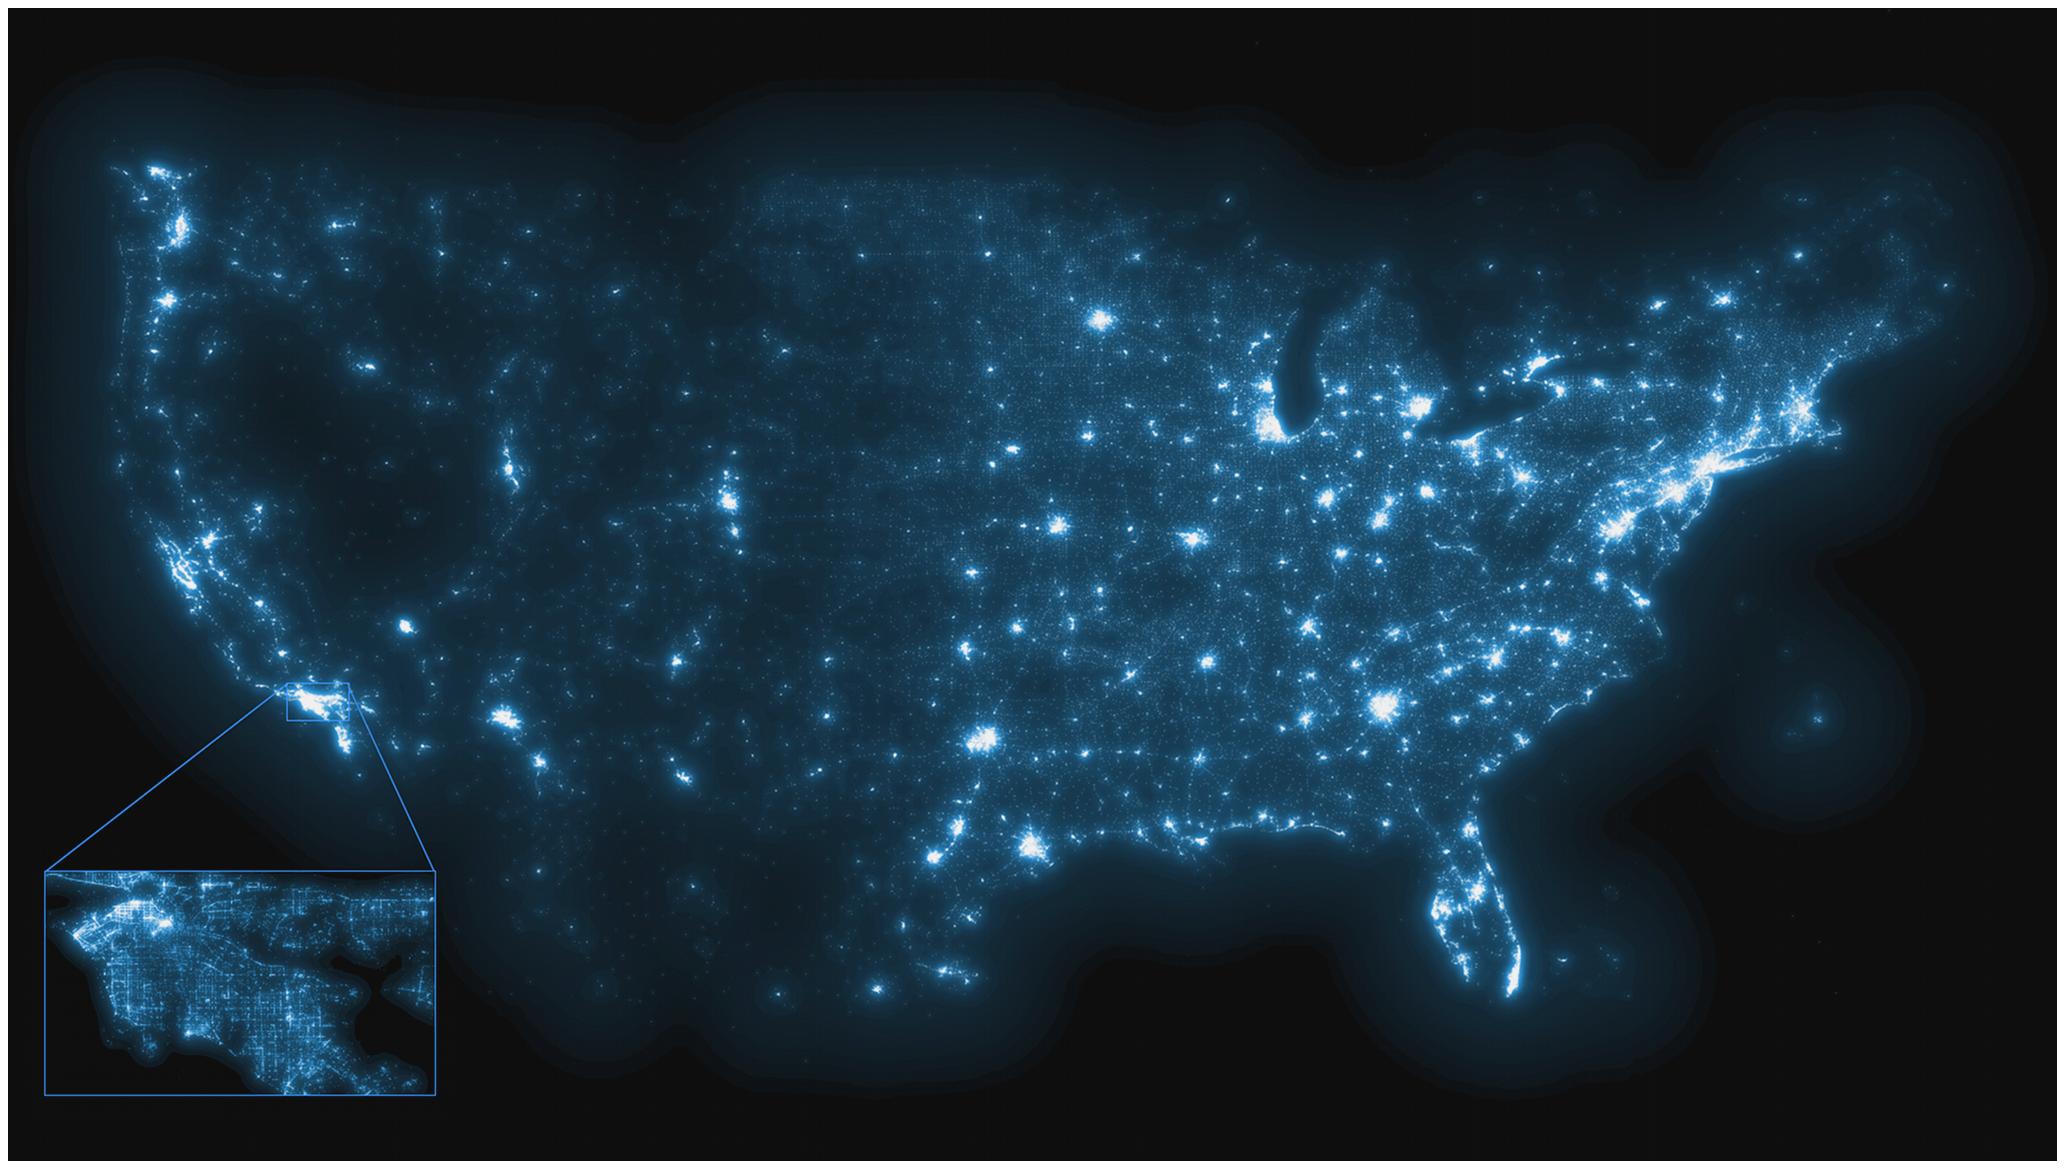 """Digitale Epidemiologie:  Zu sehen ist eine hochaufgelöste Karte, ermittelt durch Auswertung von 250 Millionen amerikanischer Tweets , die als """"impfkritisch"""" eingestuft wurden."""